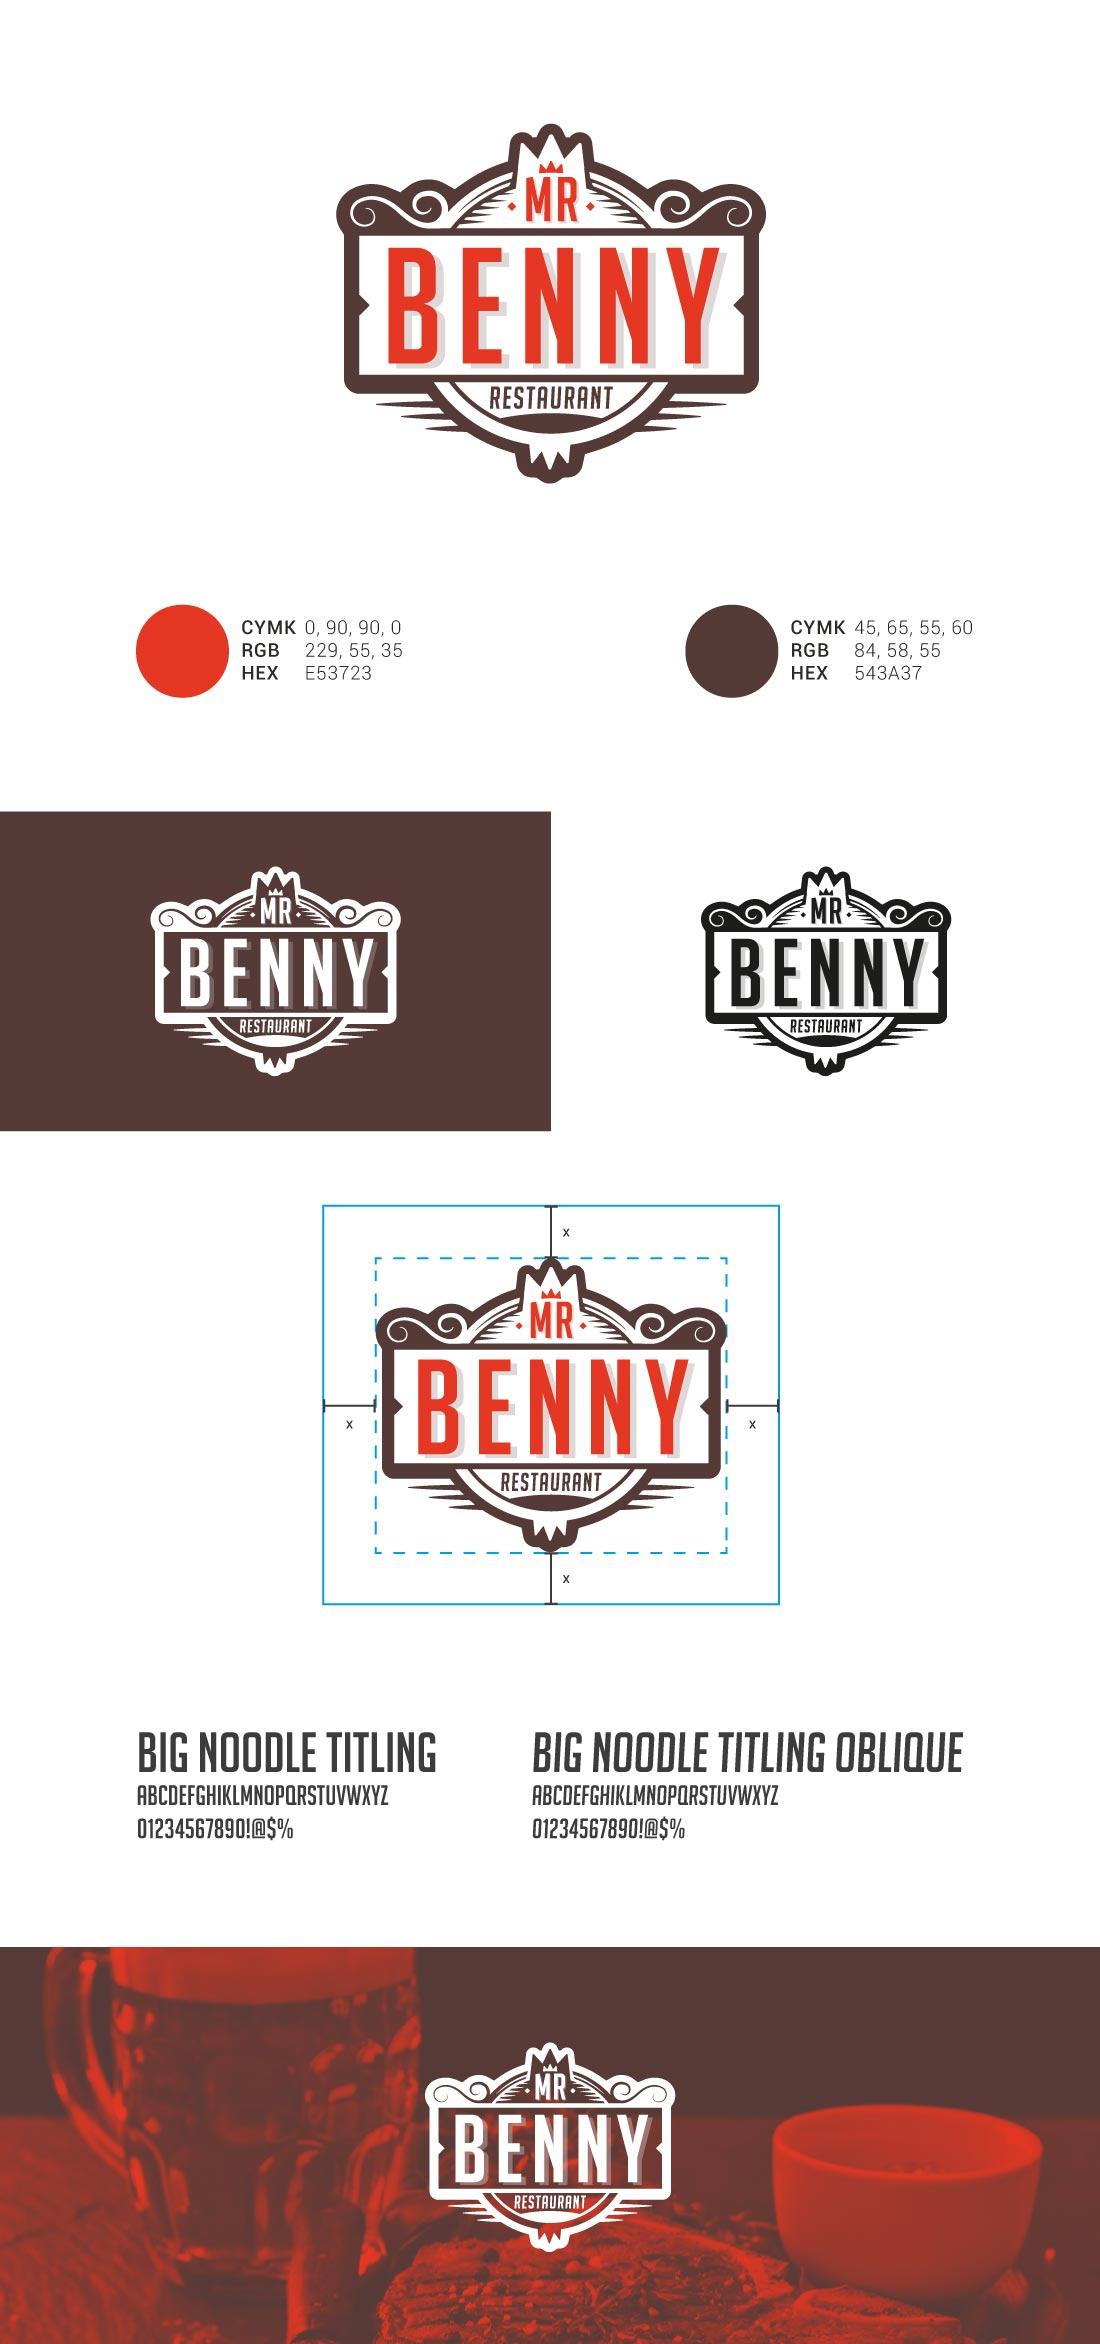 Mr. Benny Presentazione Logo